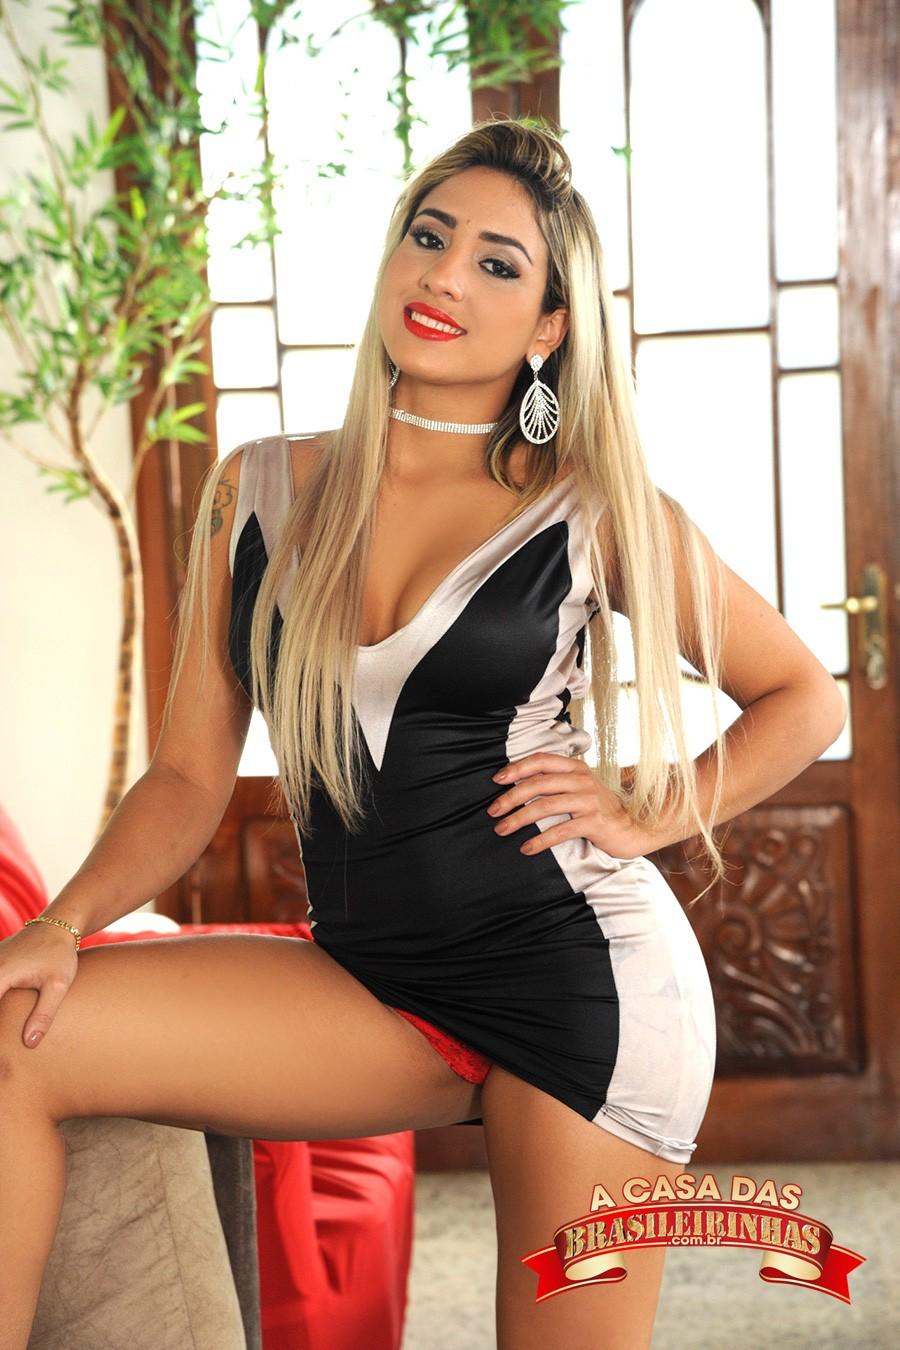 Bruna-Lambertini-de-vestido.jpg